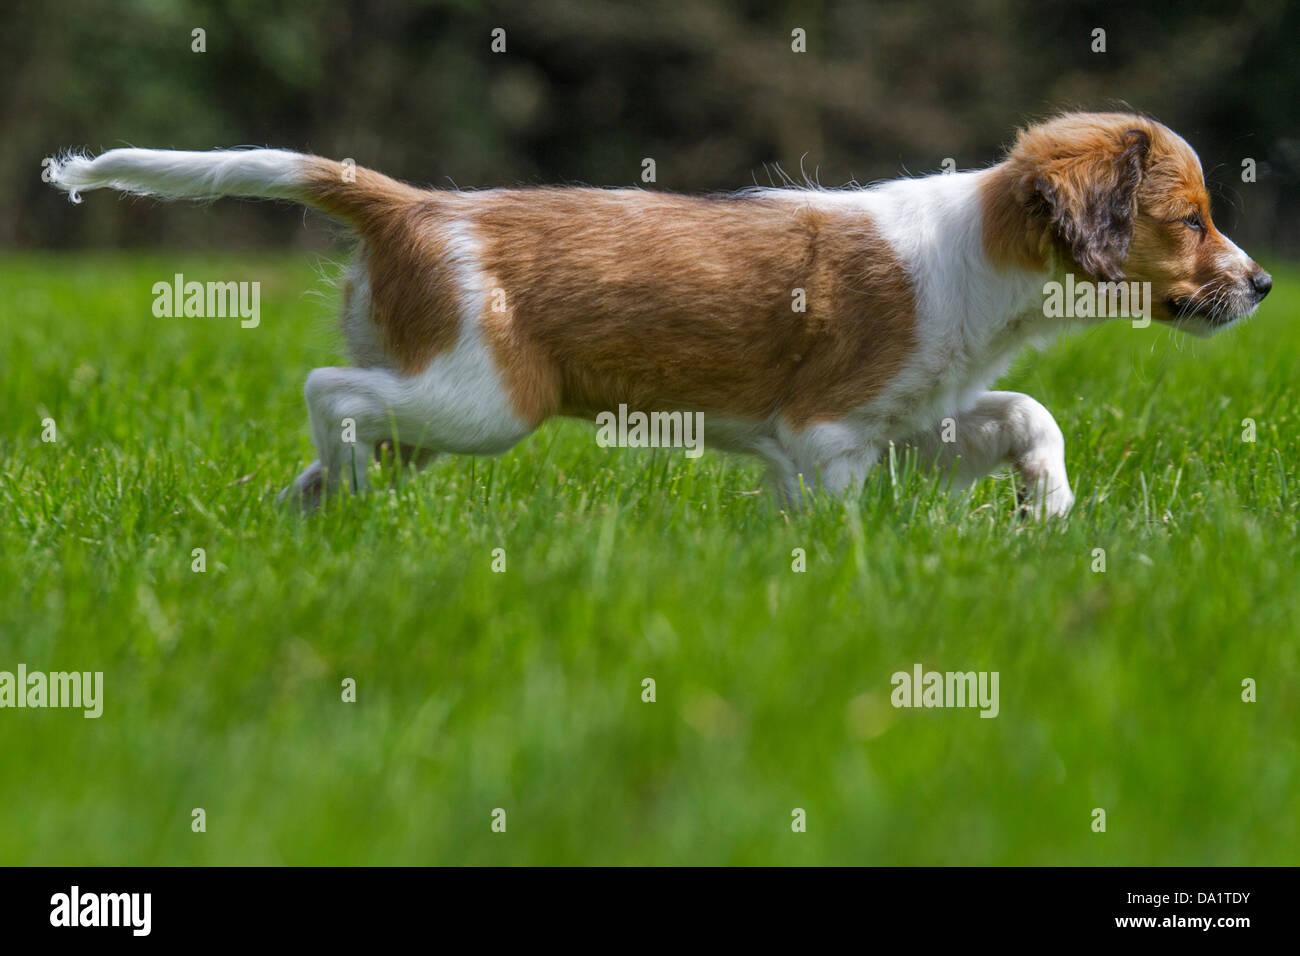 Kooikerhondje o Kooiker Hound (Canis lupus familiaris), utilizado para la caza de patos, en el jardín, Países Bajos Foto de stock